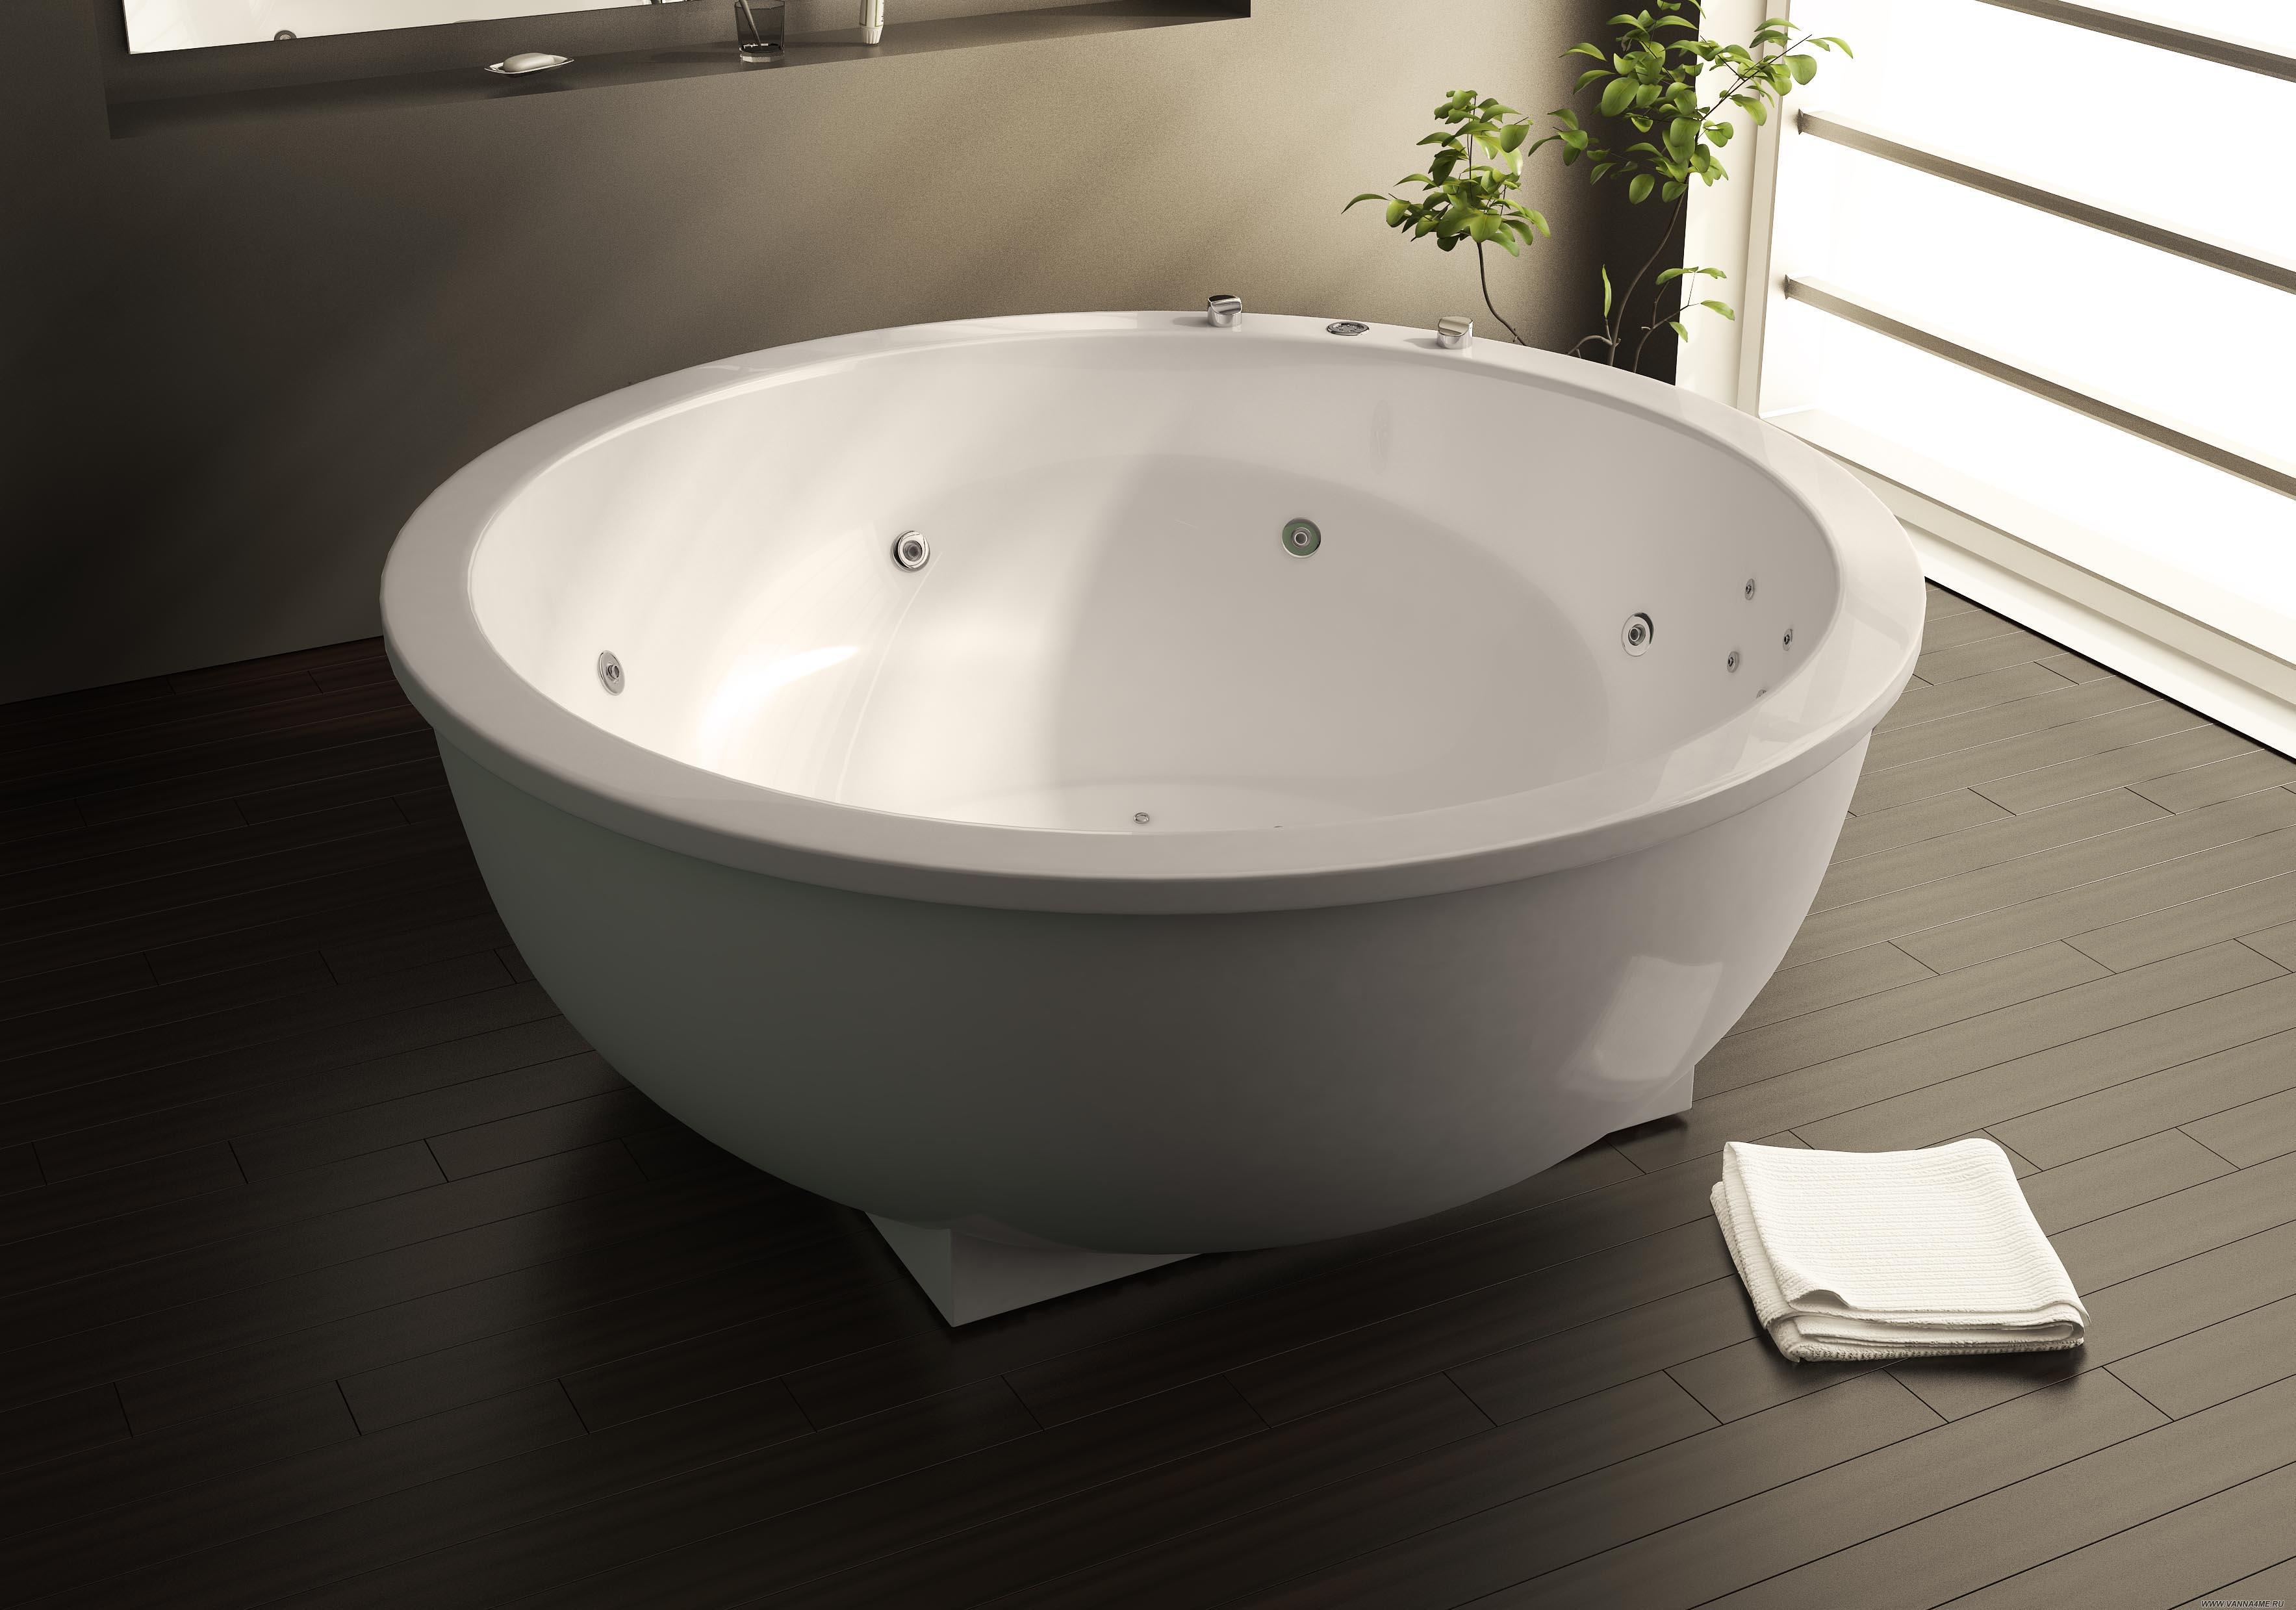 Quel bain choisir: matériau, taille, fabricant